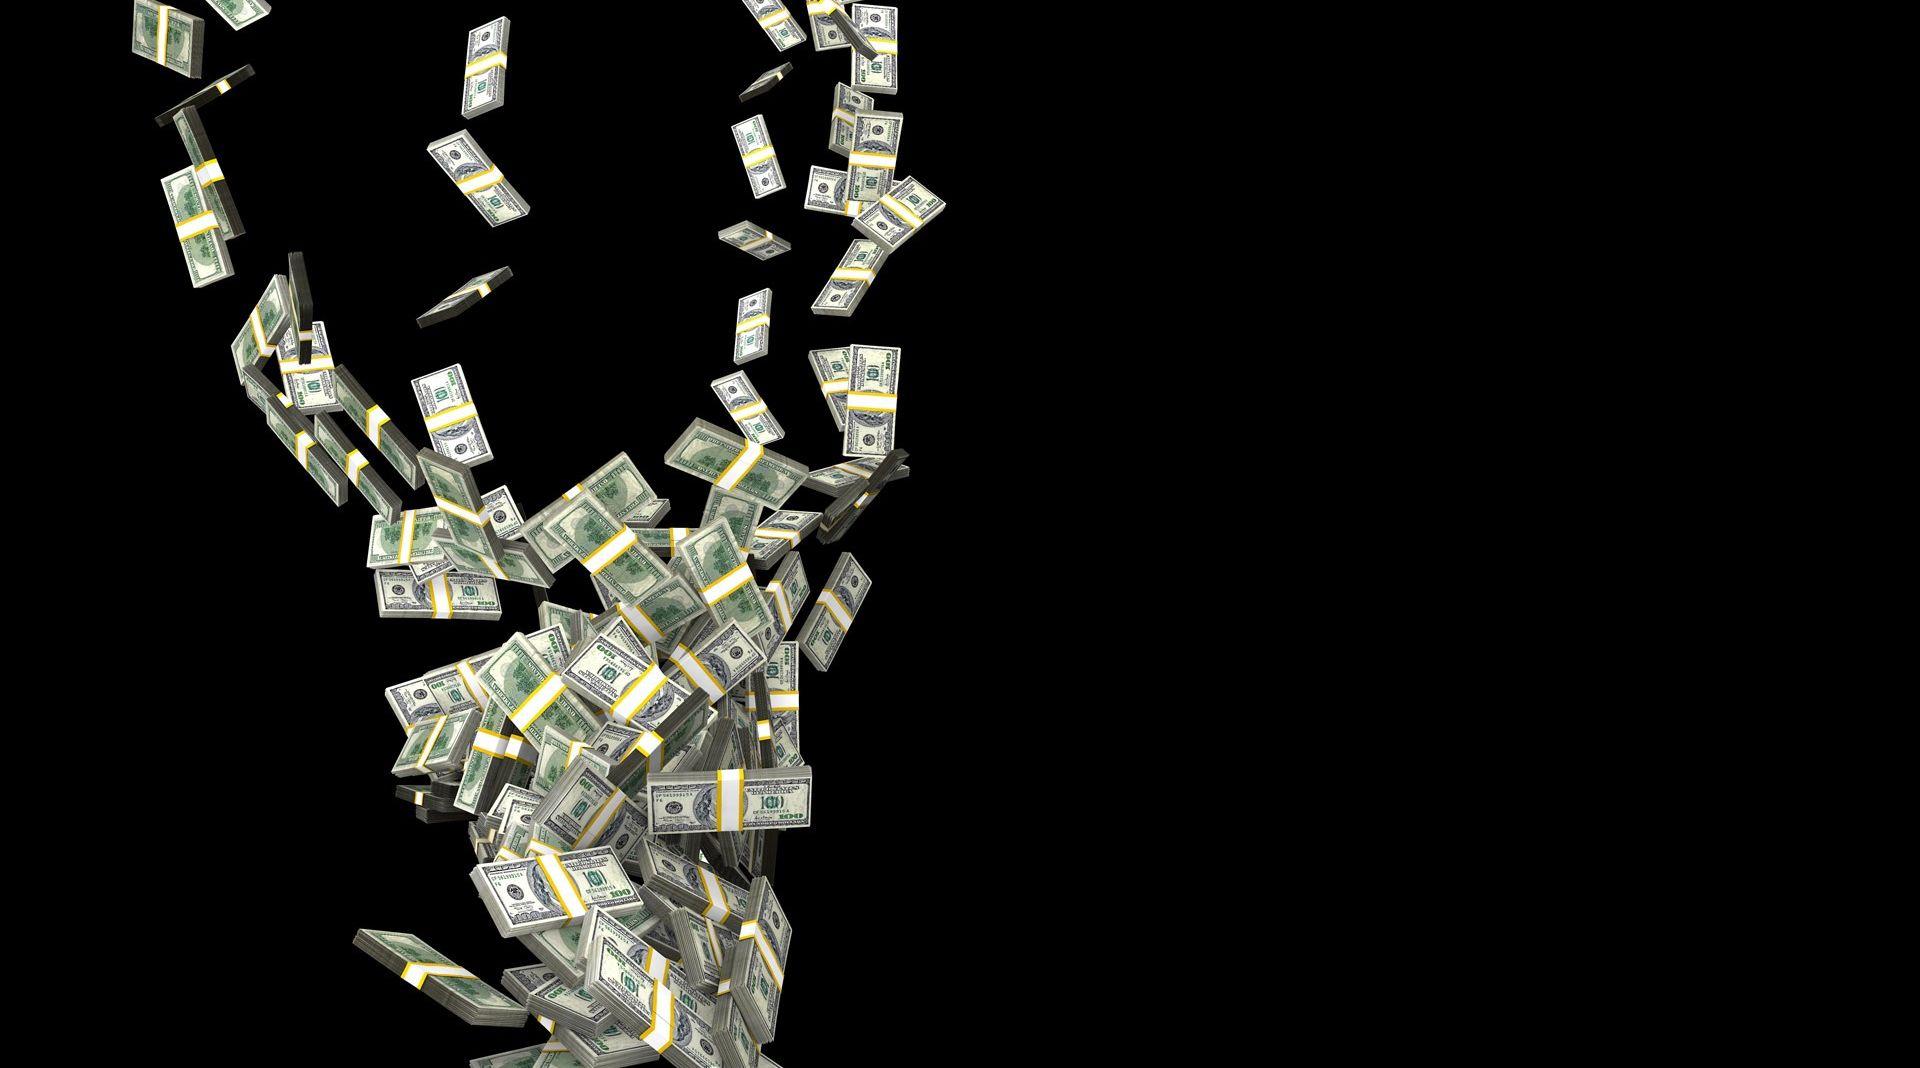 FBI otključavanje iPhonea ubojice iz San Bernardina platio najmanje 1.3 milijun dolara